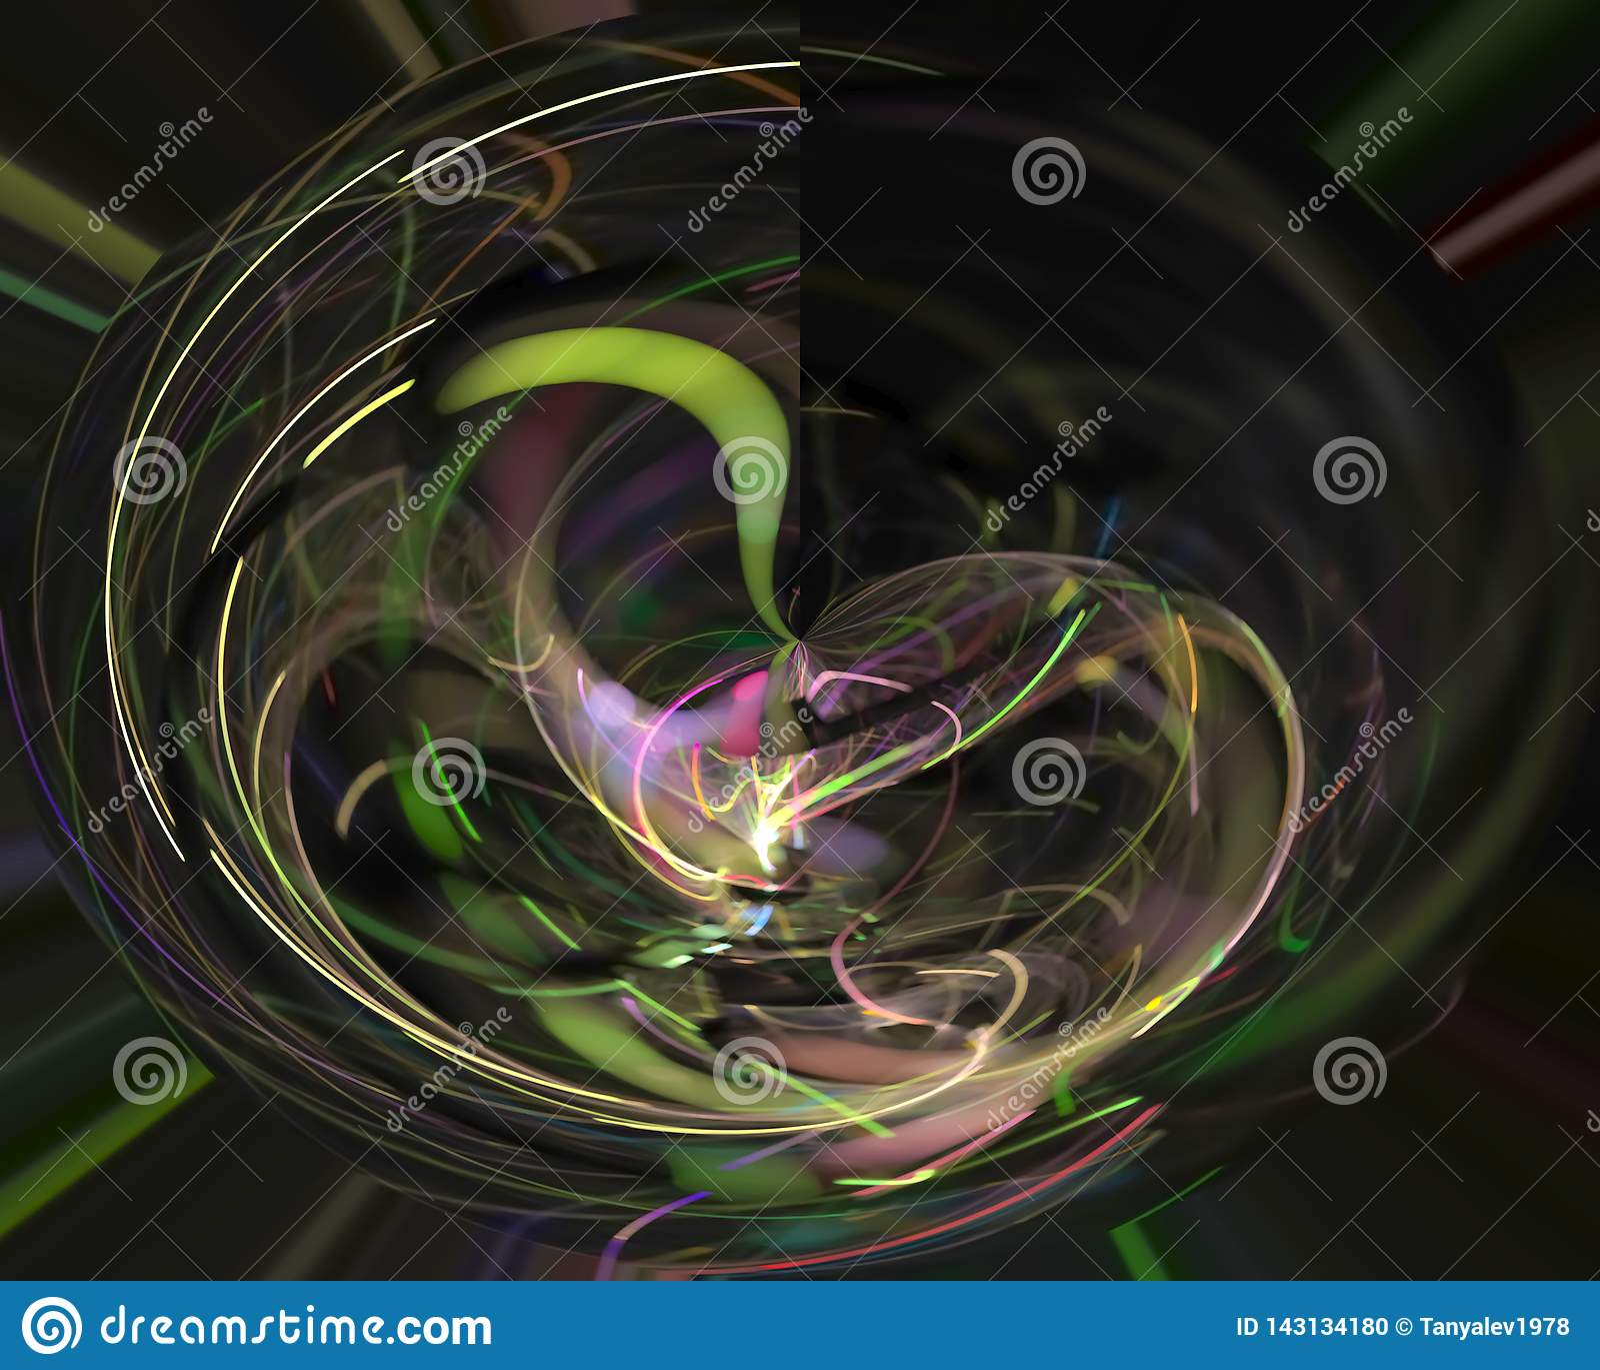 Fractale numérique abstraite créative, artistique futuriste d élément décoratif de calibre de flamme, élégance, dynamique